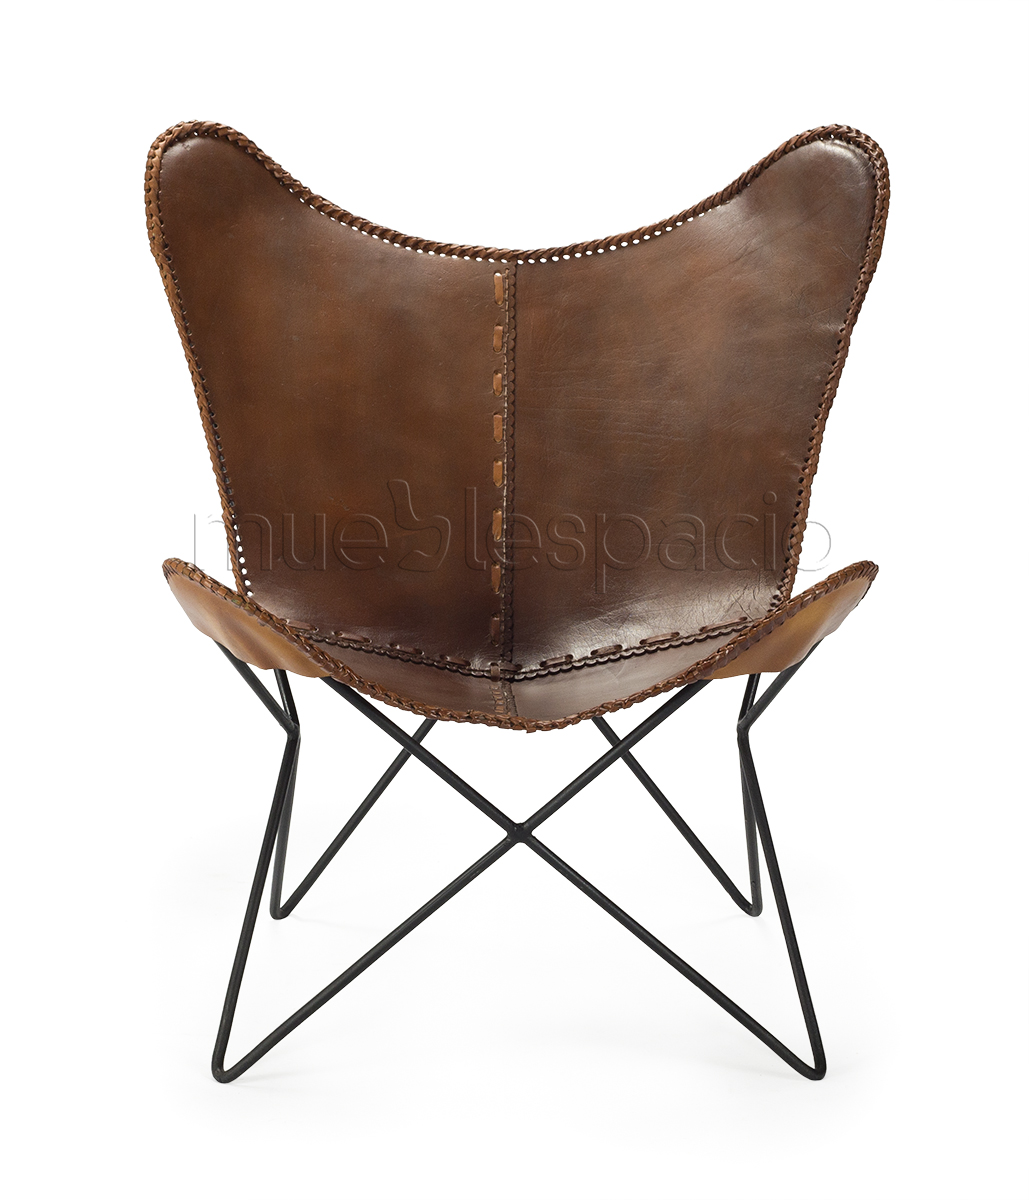 Silla butterfly chair de dise o estilo vintage industrial for Sillas estilo industrial baratas